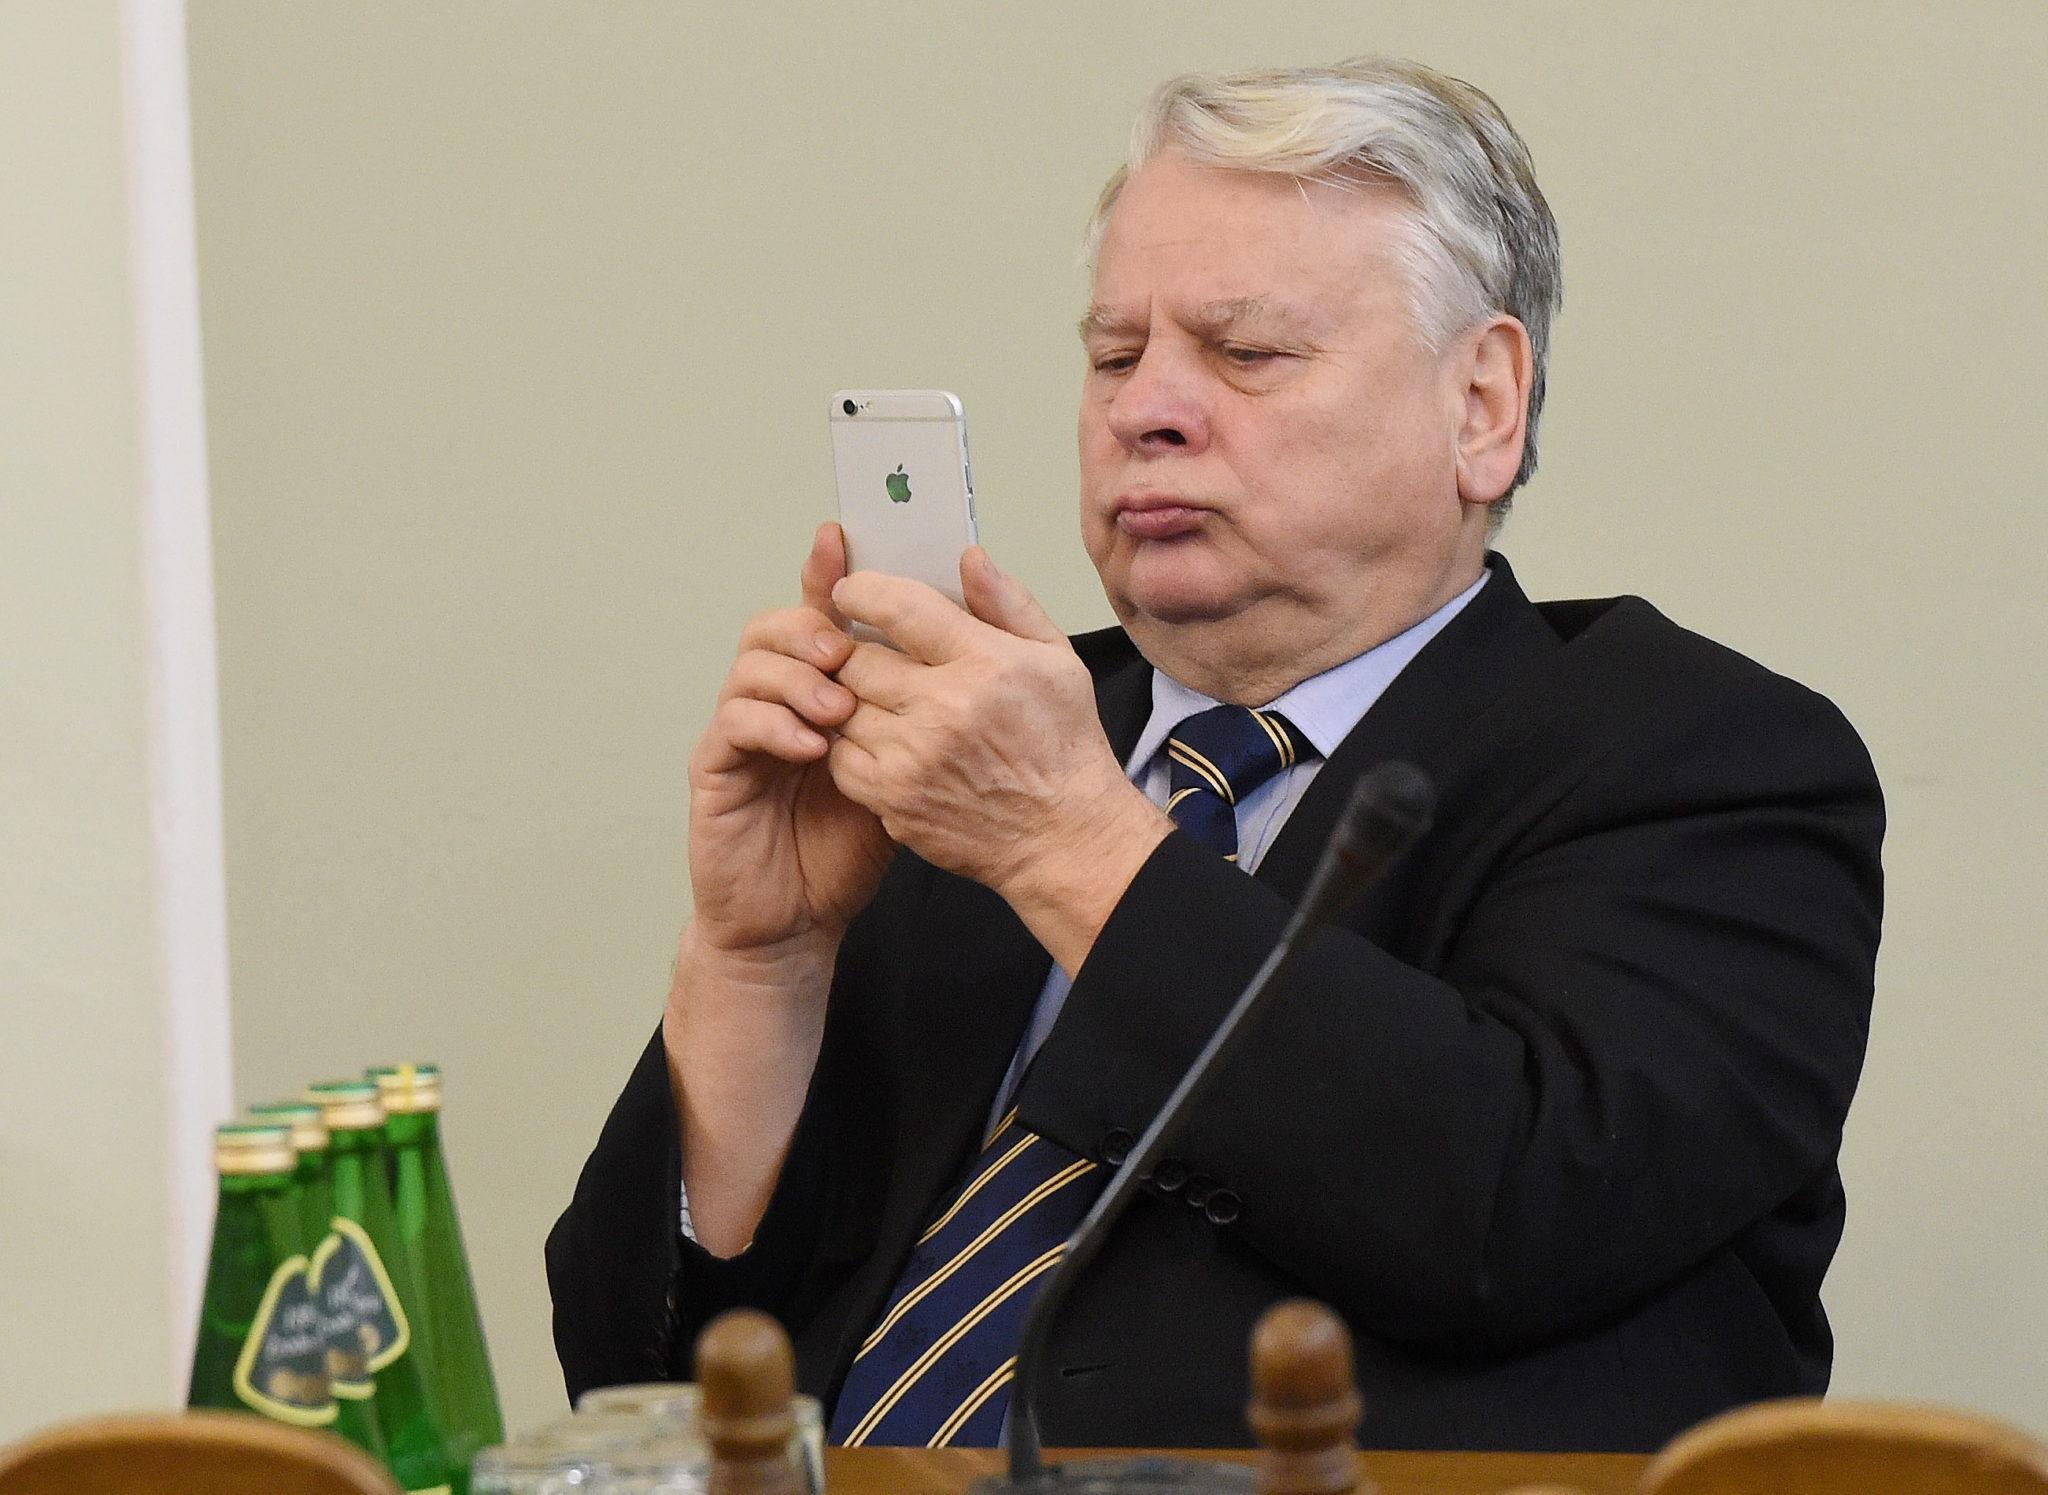 Wicemarszałek Senatu Bogdan Borusewicz podczas posiedzenia sejmowej Komisji Nadzwyczajnej do spraw rozpatrzenia projektów ustaw z zakresu prawa wyborczego, fot: Radek Pietruszka, PAP